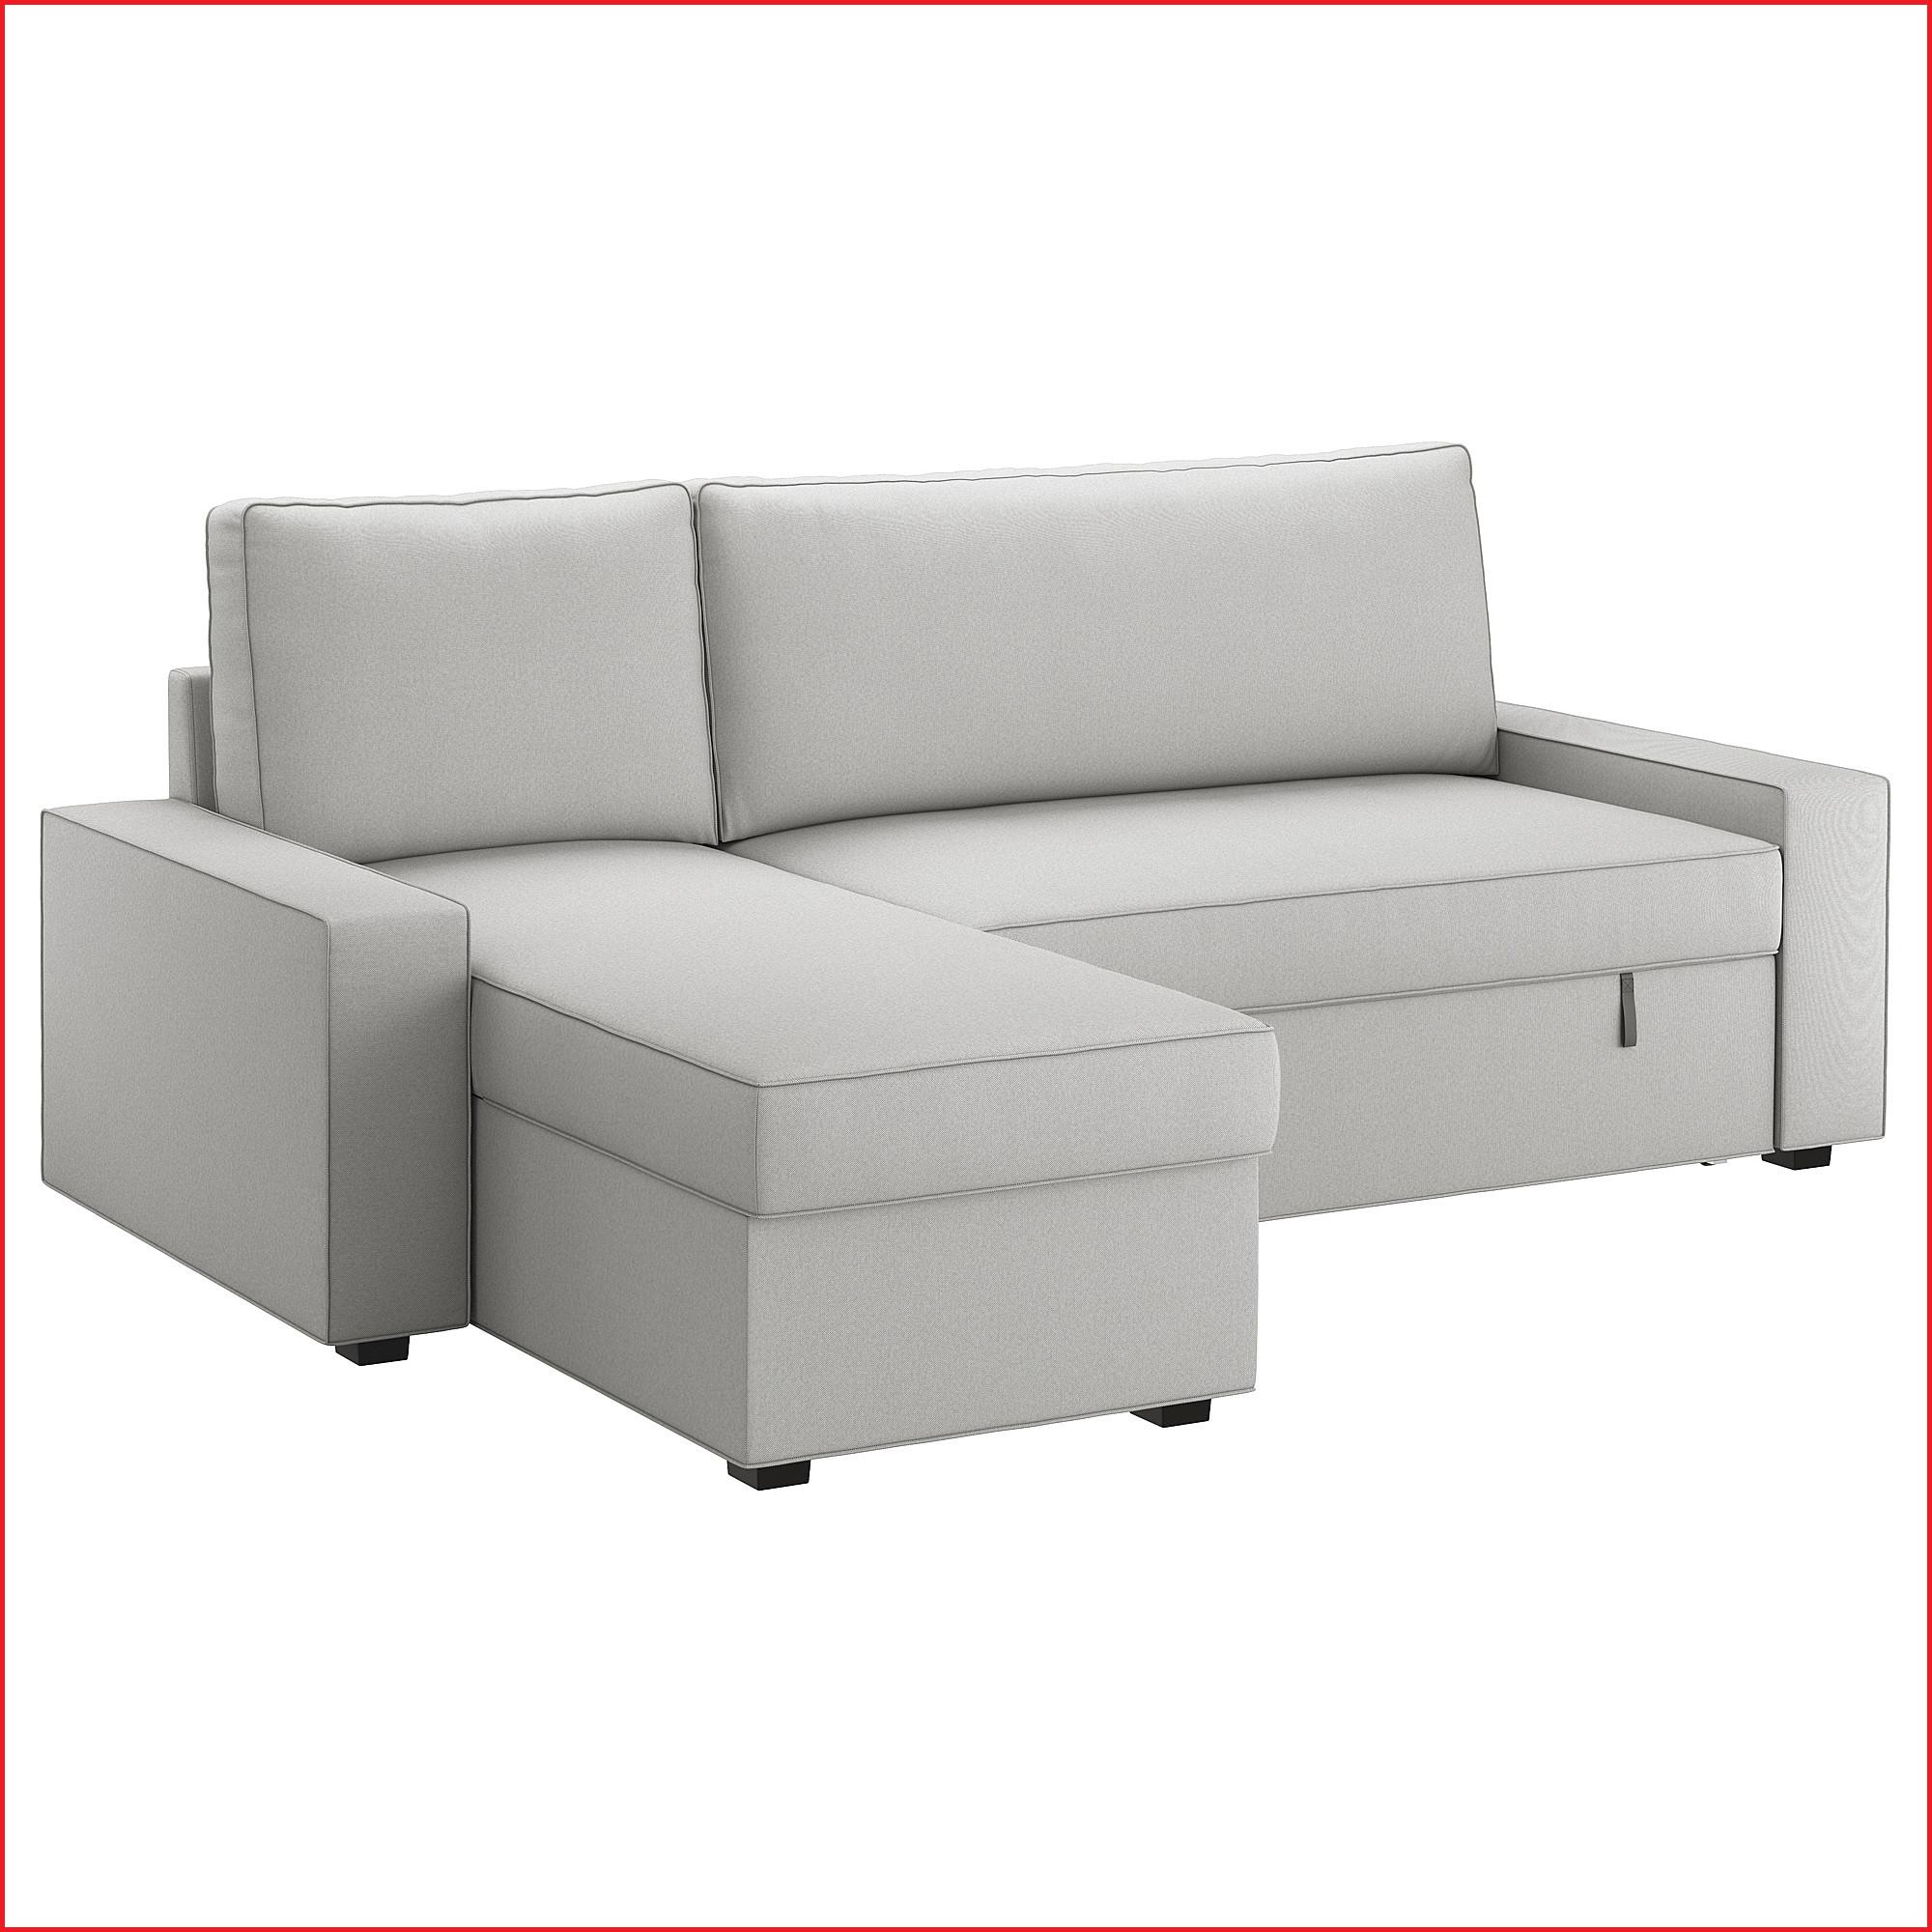 Sofas Y Sillones Ikea Xtd6 Ikea sofa Cama Individual sofà S Cama Y Sillones Cama